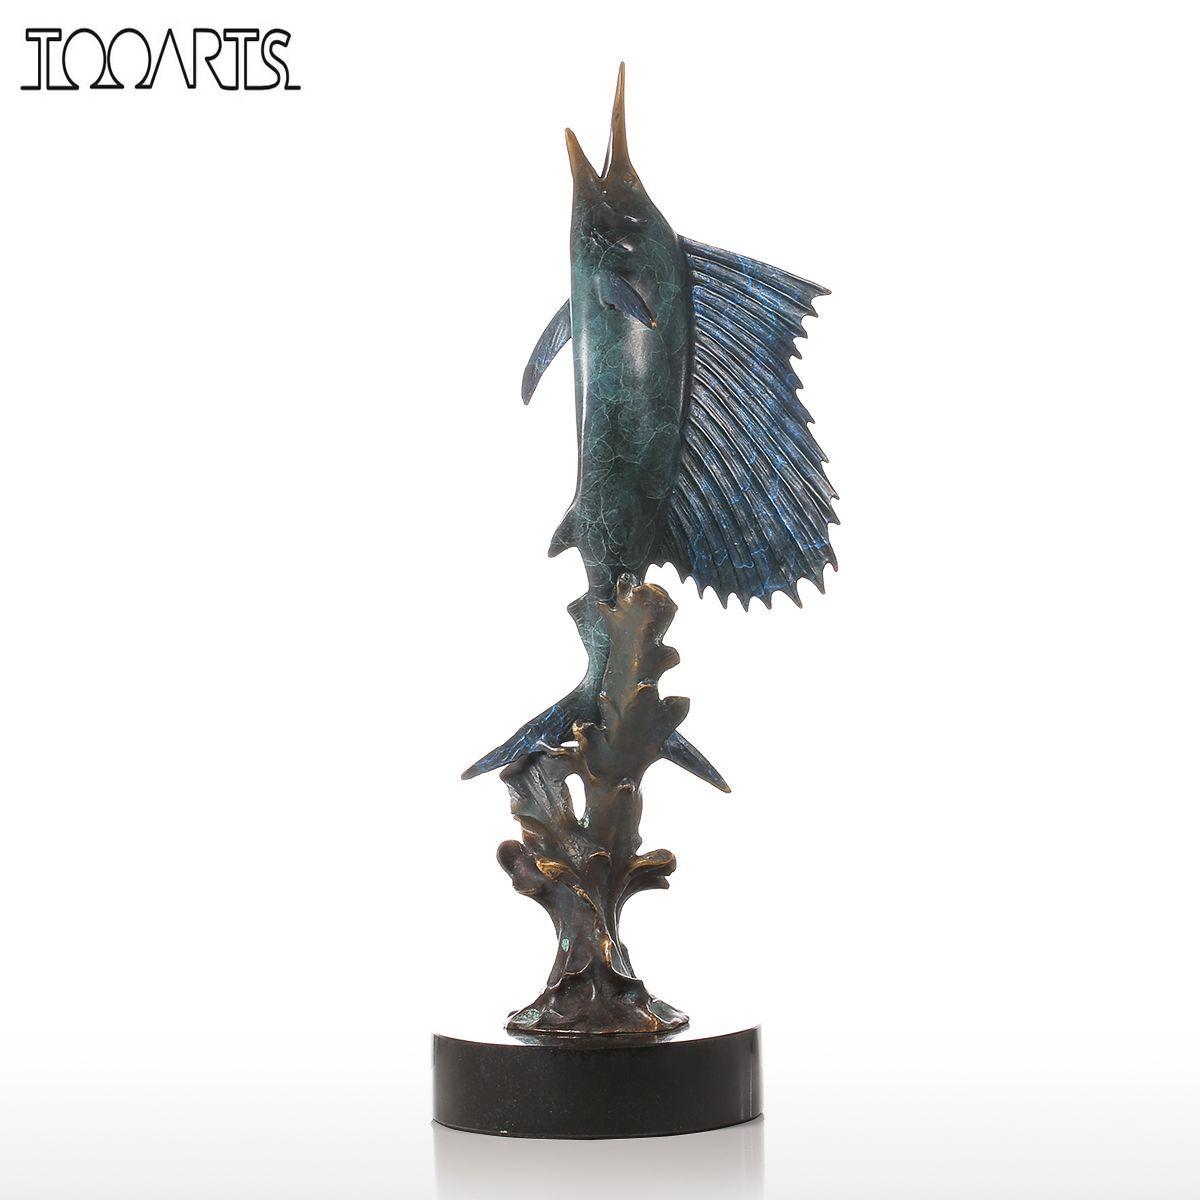 online get cheap modern art statues aliexpresscom  alibaba group - tooarts salifish out of water handmade bronze sculpture modern art homedecor statue figurine gift artwork